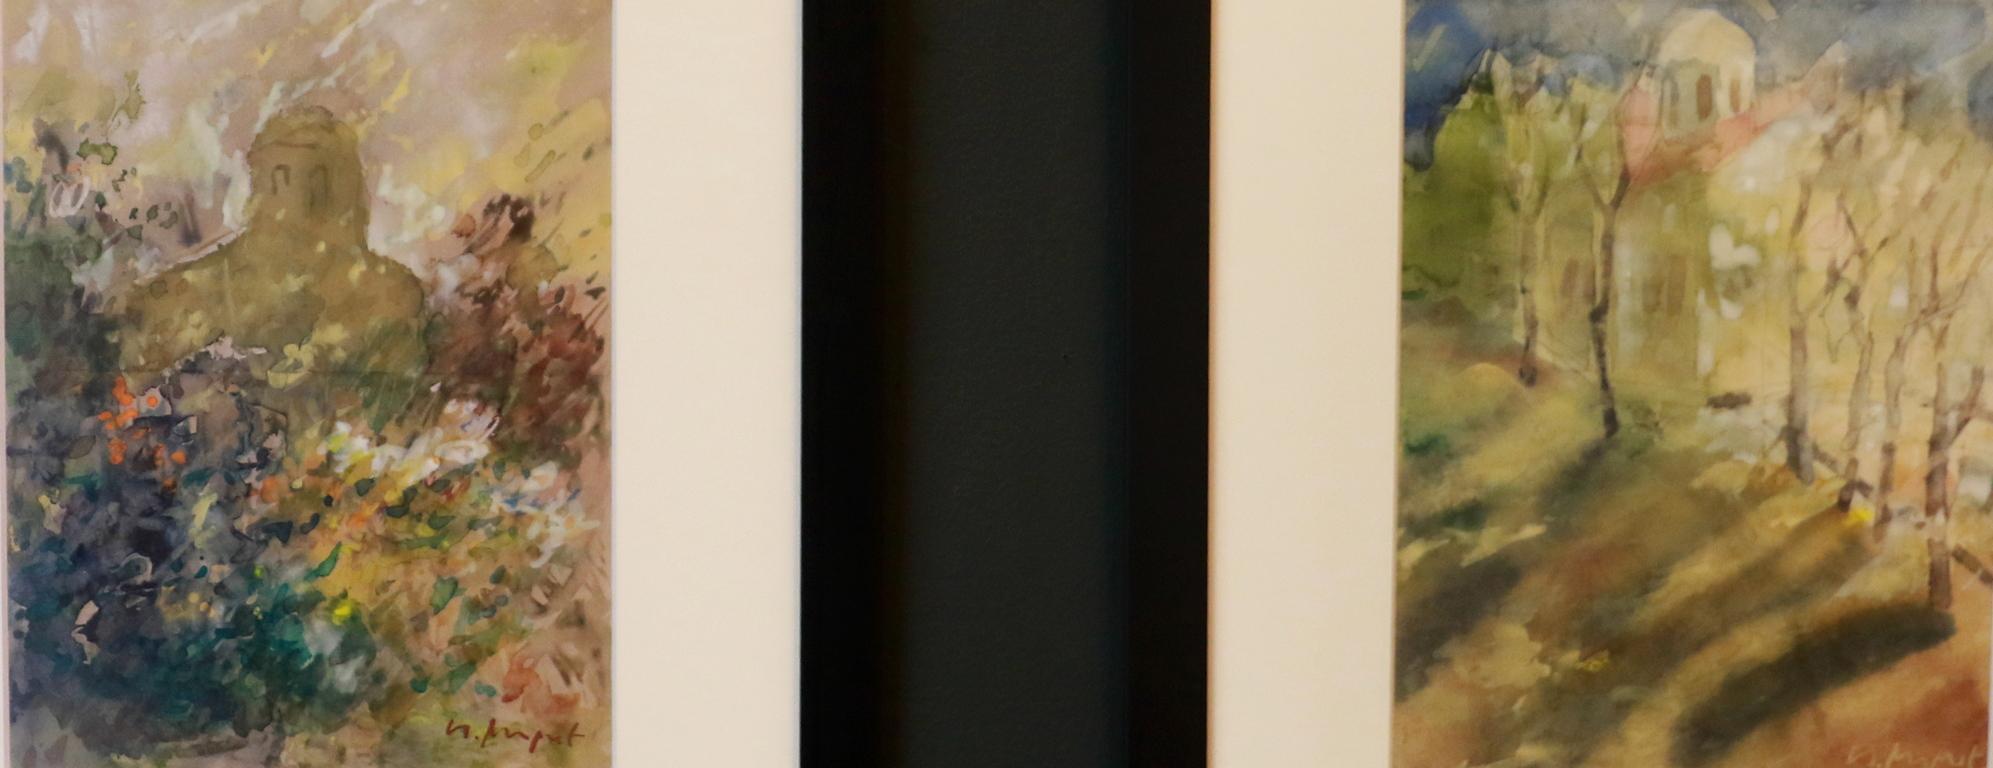 <p>Манастир 3, Манастир 2, акварел на хартия</p>  <p>През 1985 г. е удостоен с наградата за пластични изкуства &bdquo;Южна пролет&ldquo;, Лауреат е на голямата награда на Националната младежка изложба през 1986, носител на Националната награда за живопис &bdquo;Владимир Димитров-Майстора&ldquo; през 2014.</p>